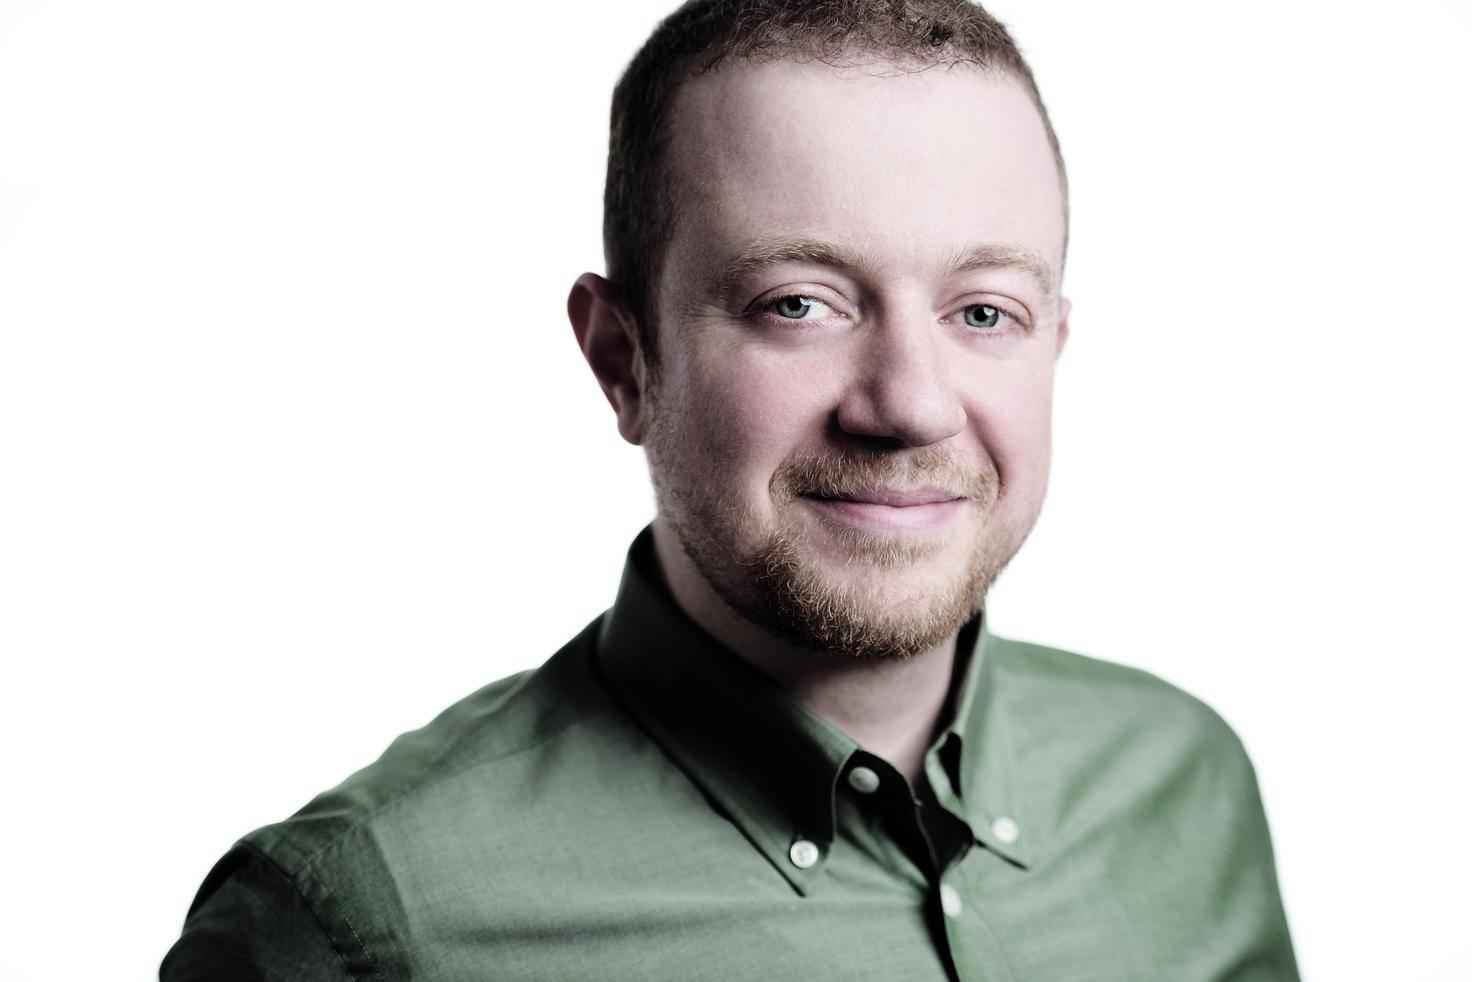 Rya Morrison begann seine Jura-Karriere im Urheberrecht. Jetzt ist er der erste Gamer-Anwalt der Welt.